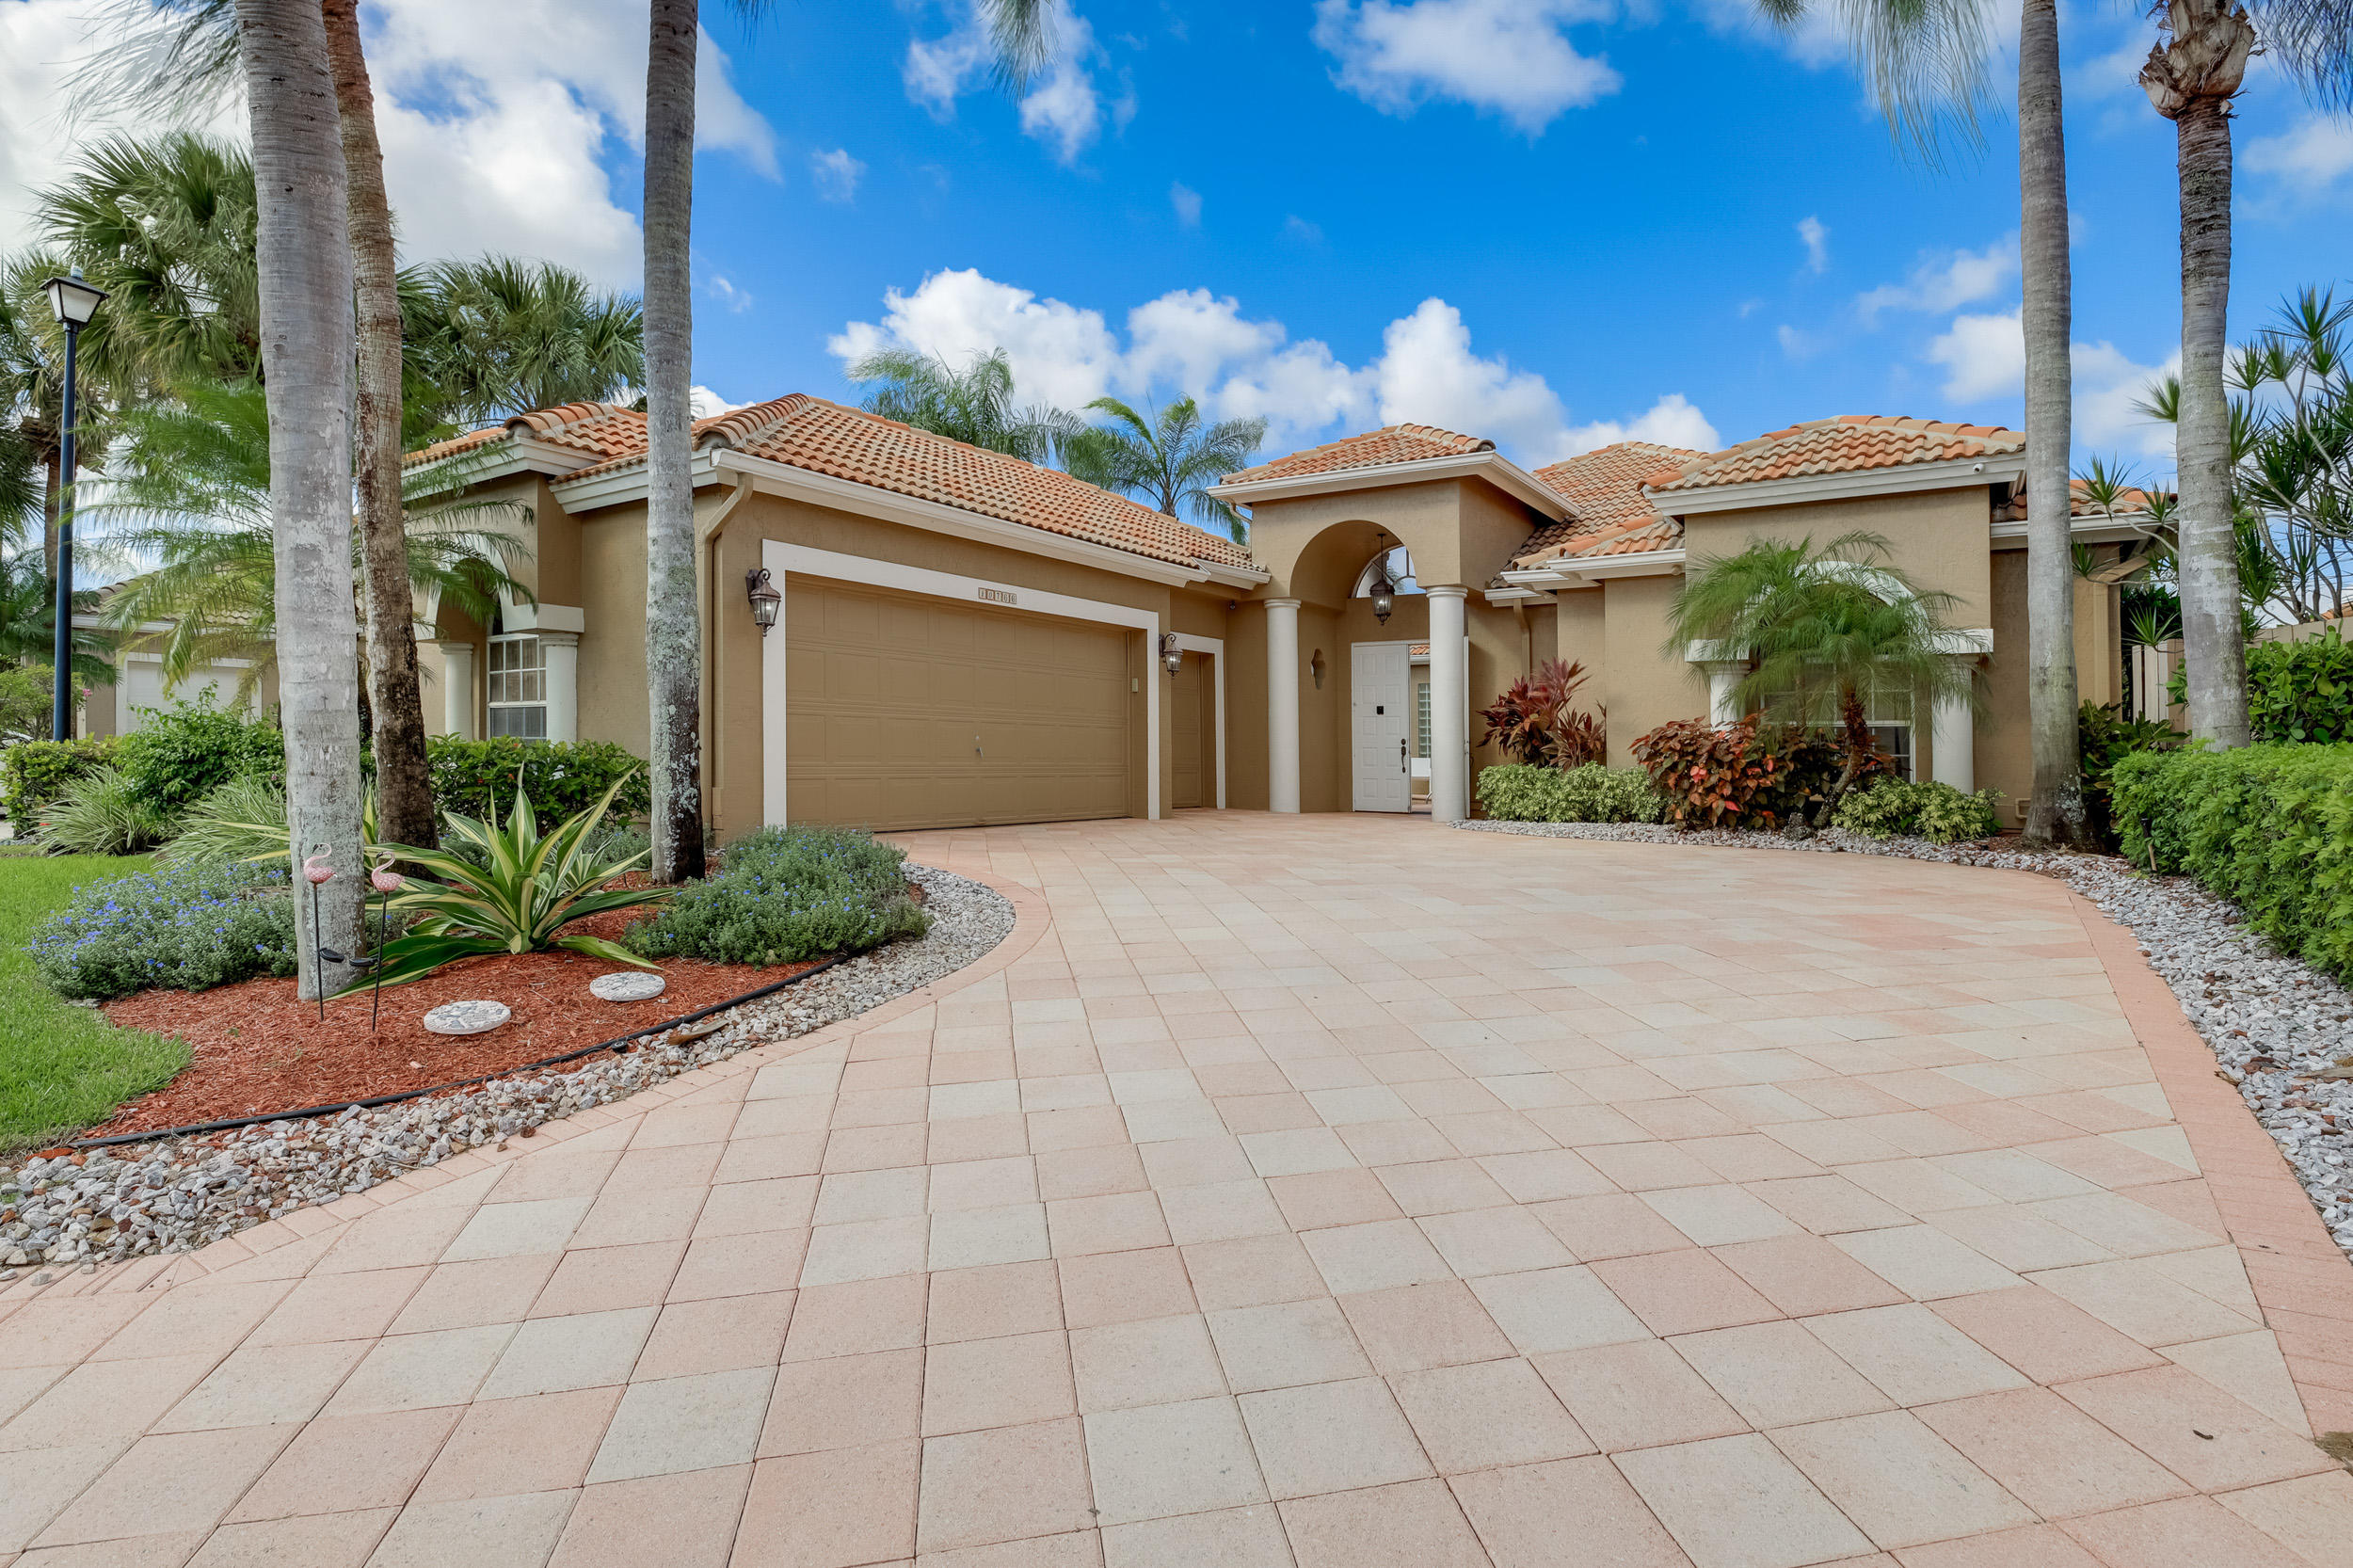 Image 1 For 10766 Greenbriar Villa Drive